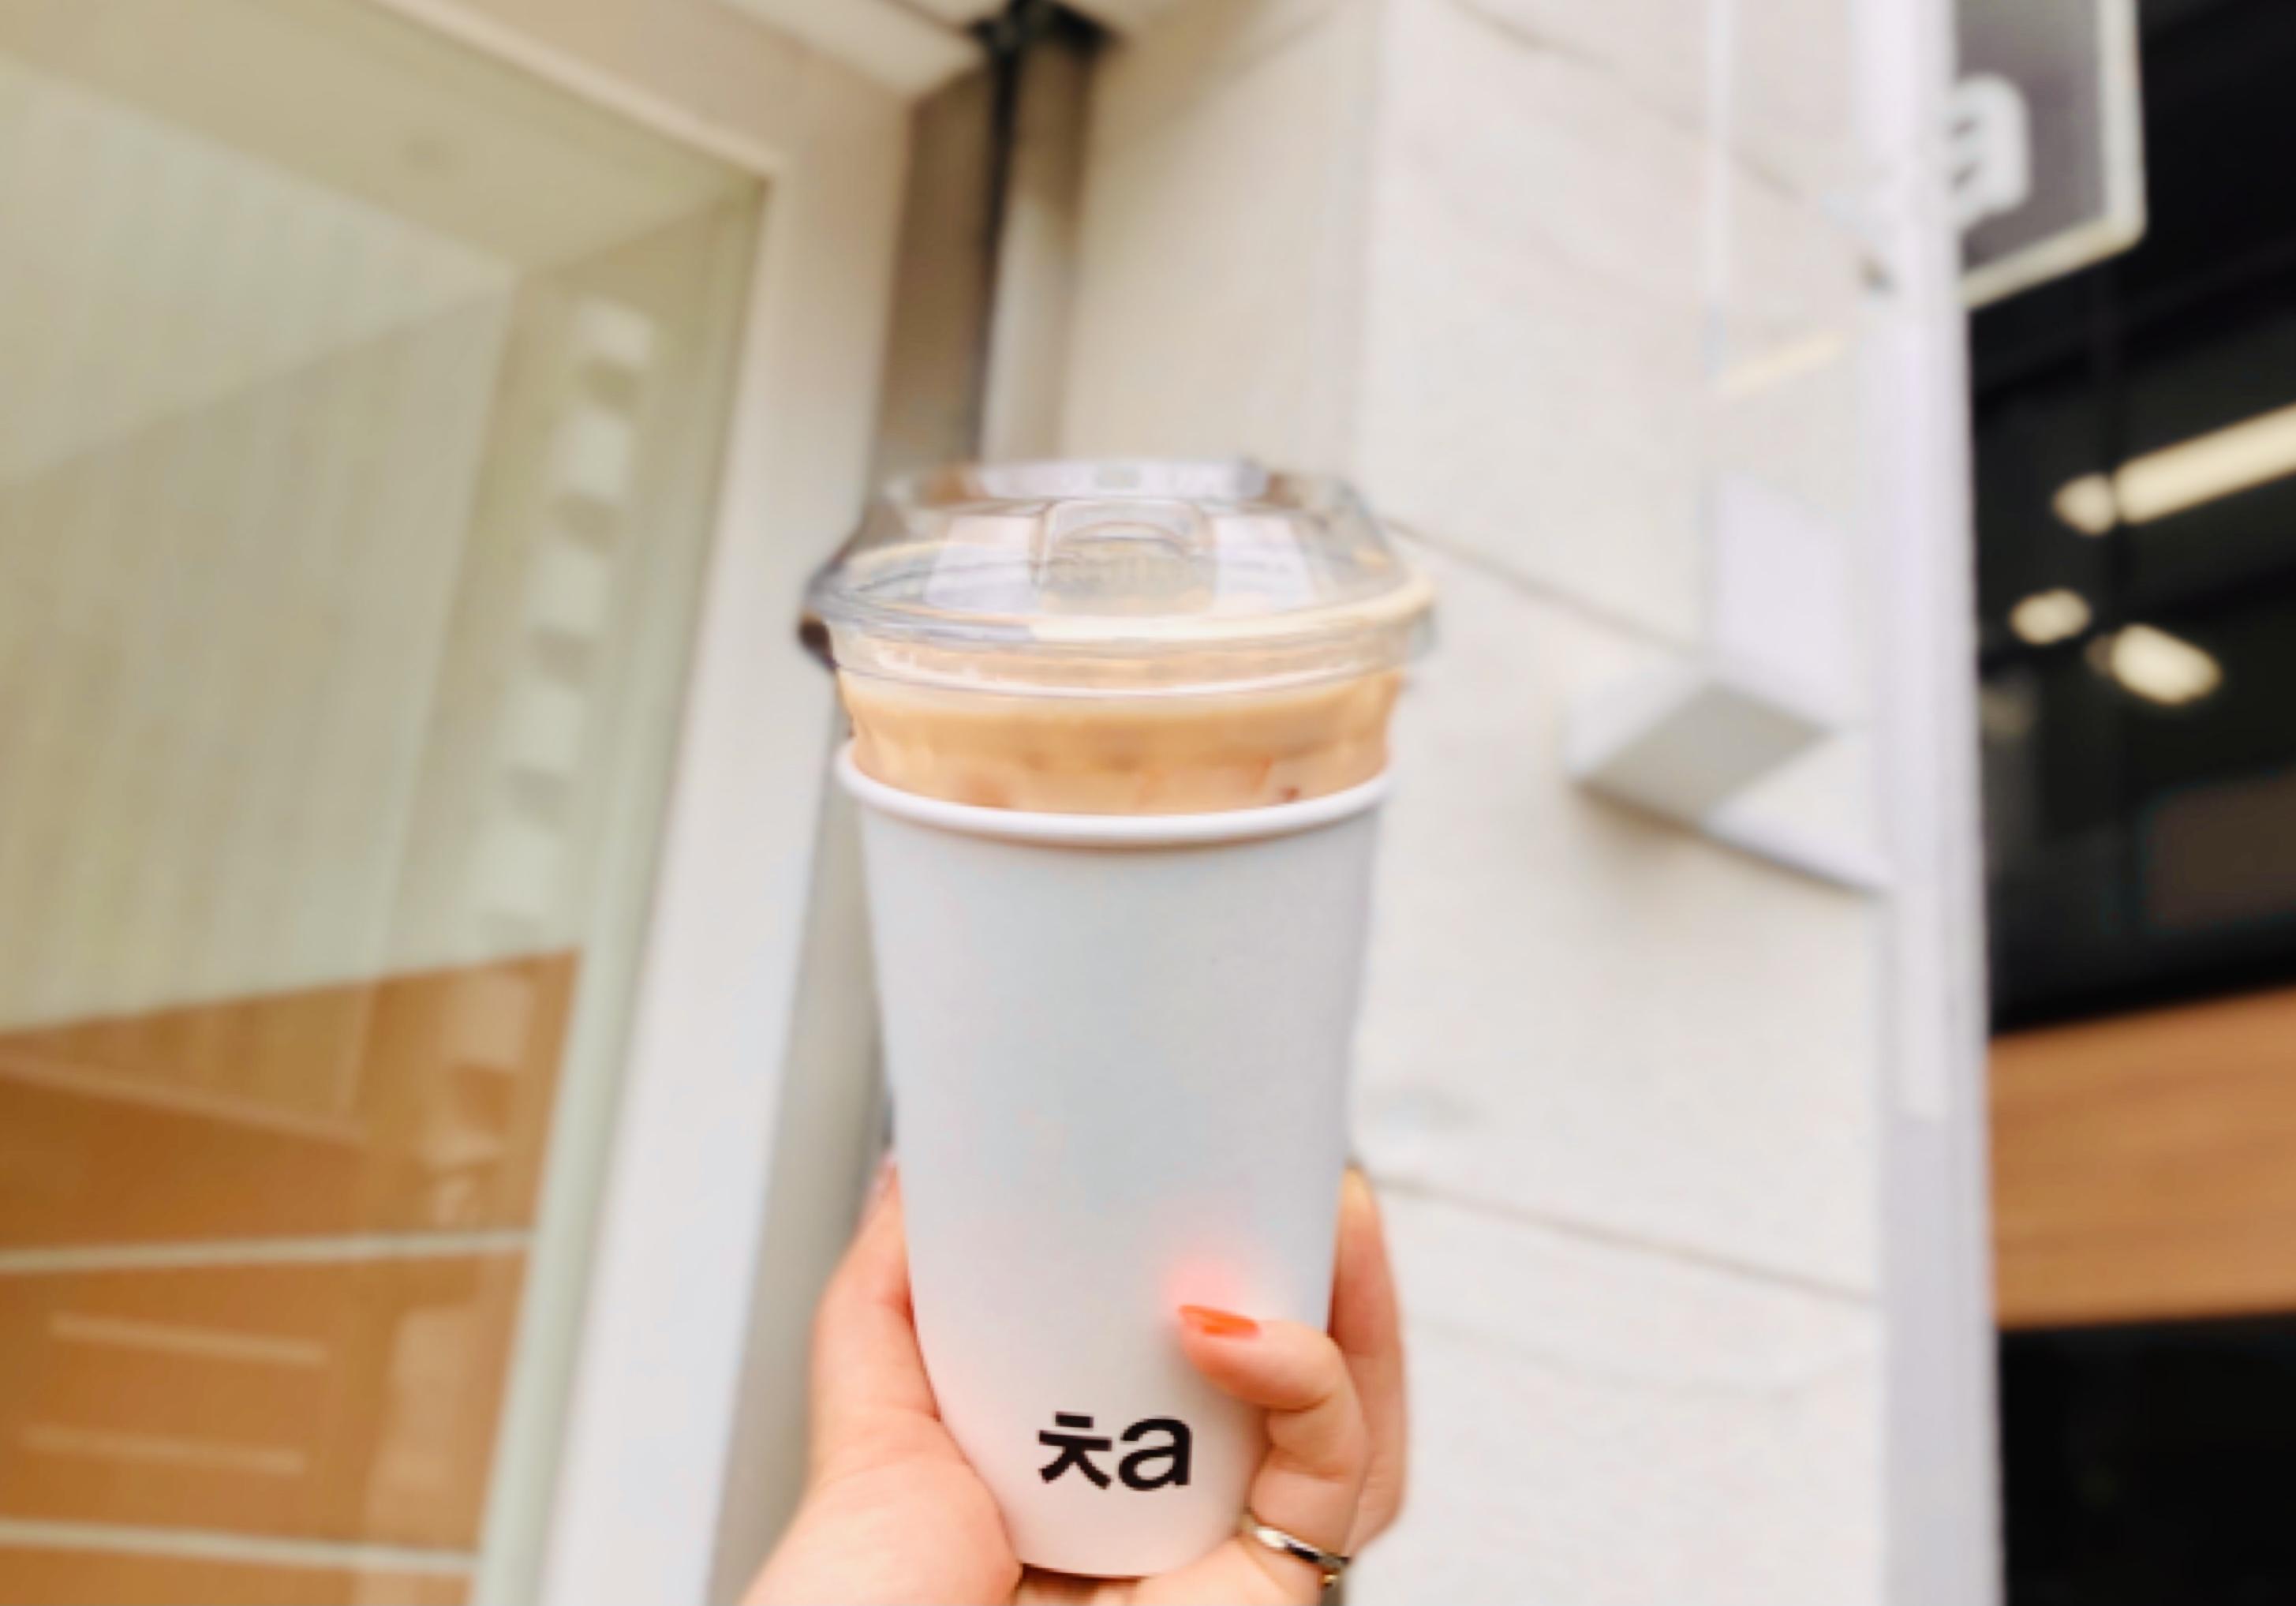 【韓国カフェ】新大久保だけじゃない!本格タルゴナミルクティーが飲めるカフェが表参道に上陸_1